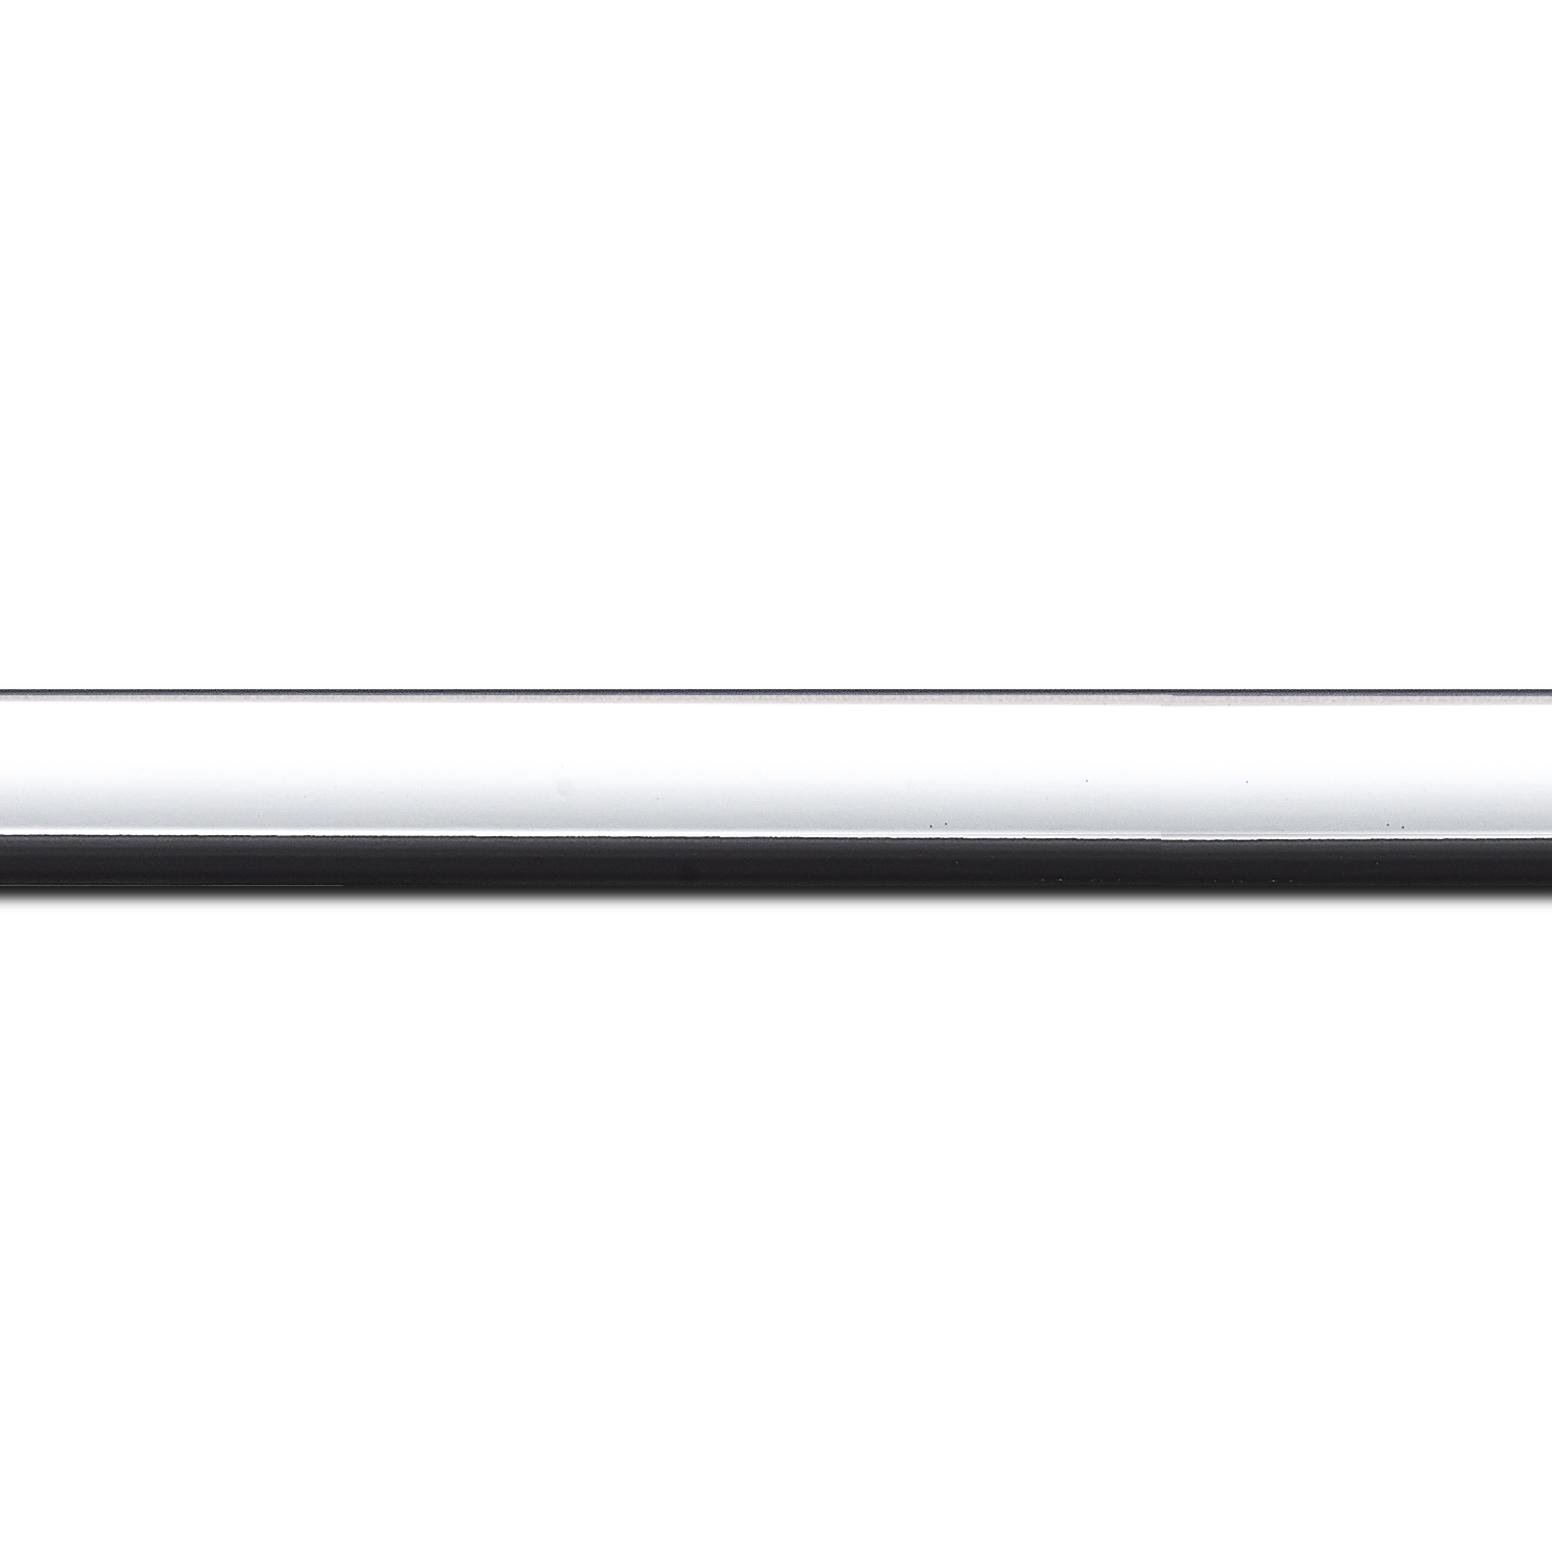 Baguette longueur 1.40m bois profil arrondi largeur 2.1cm  couleur blanc mat filet noir